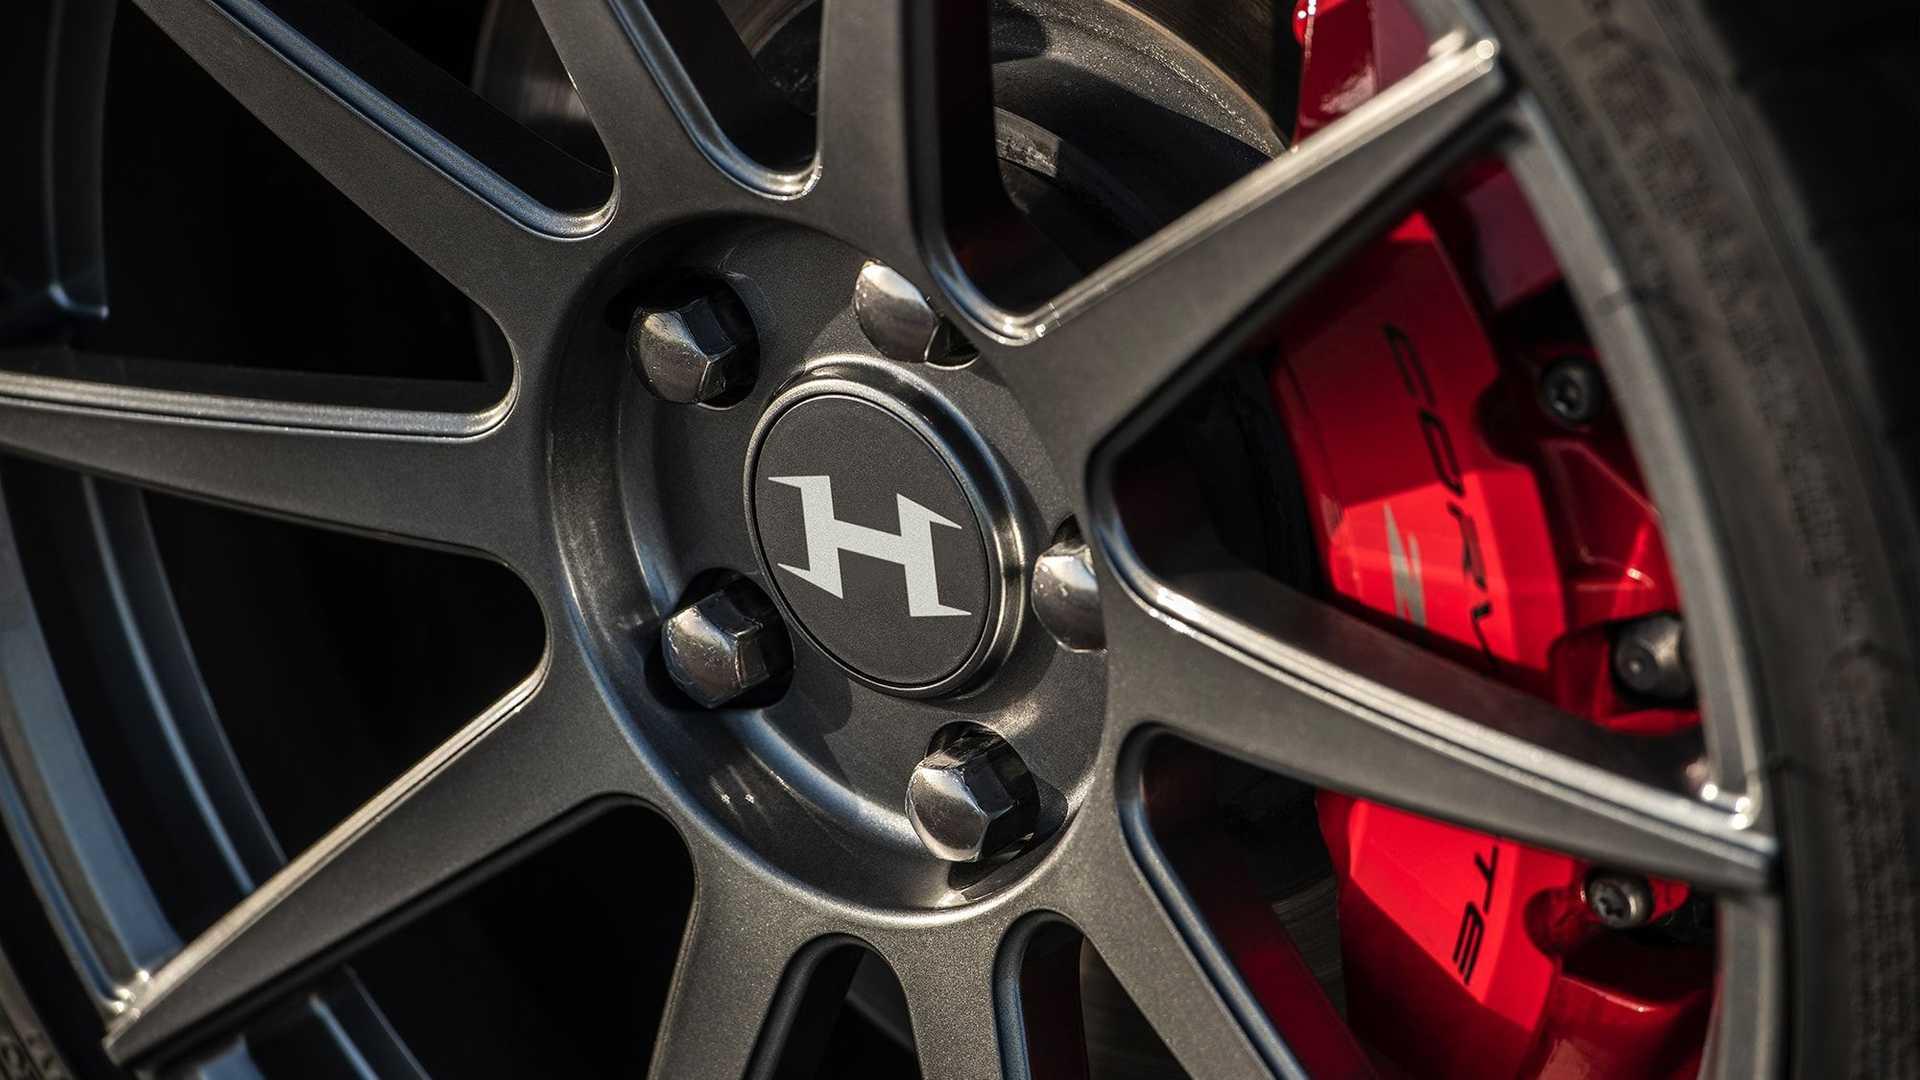 Работая над среднемоторным Chevrolet Corvette VIII генерации, техасская команда Hennessey Performance решила уделить внимание мелочам и выпустить для спорткара кованые диски с улучшенной аэродинамикой.